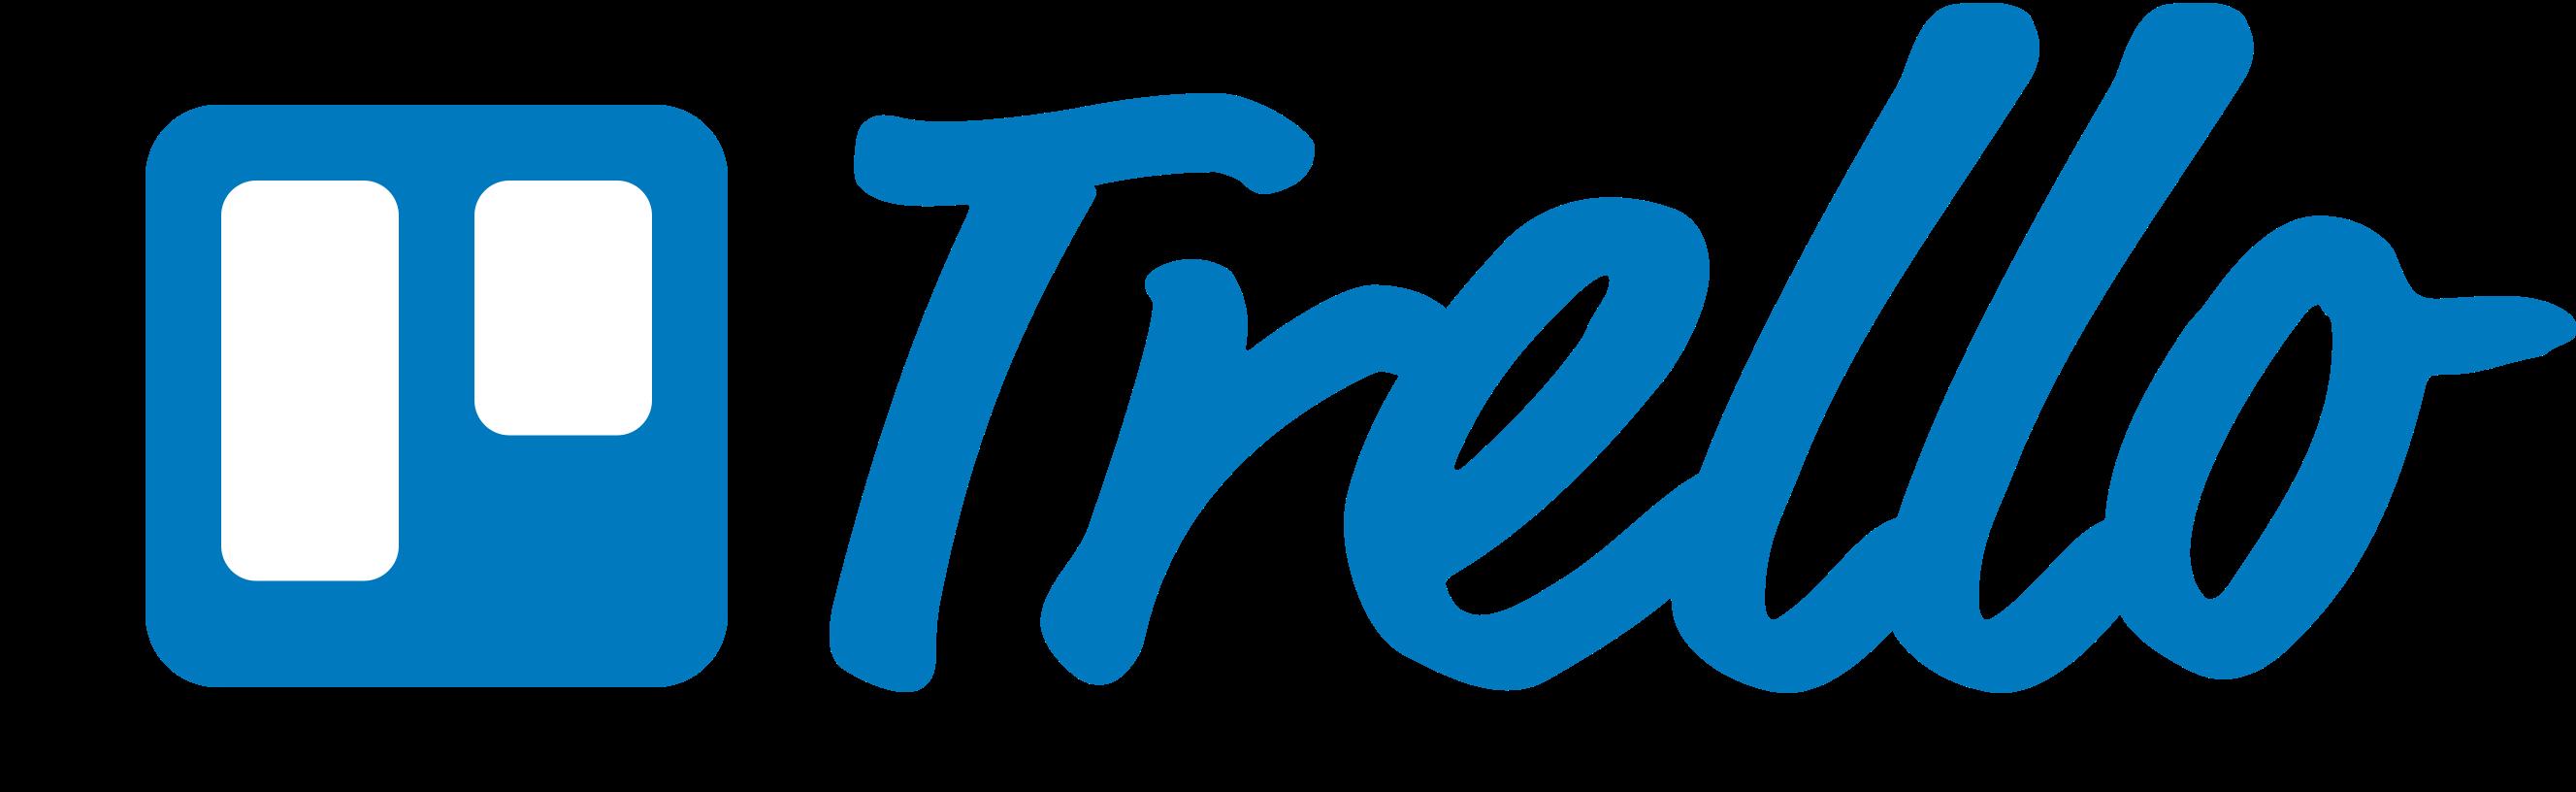 Logo do Trello